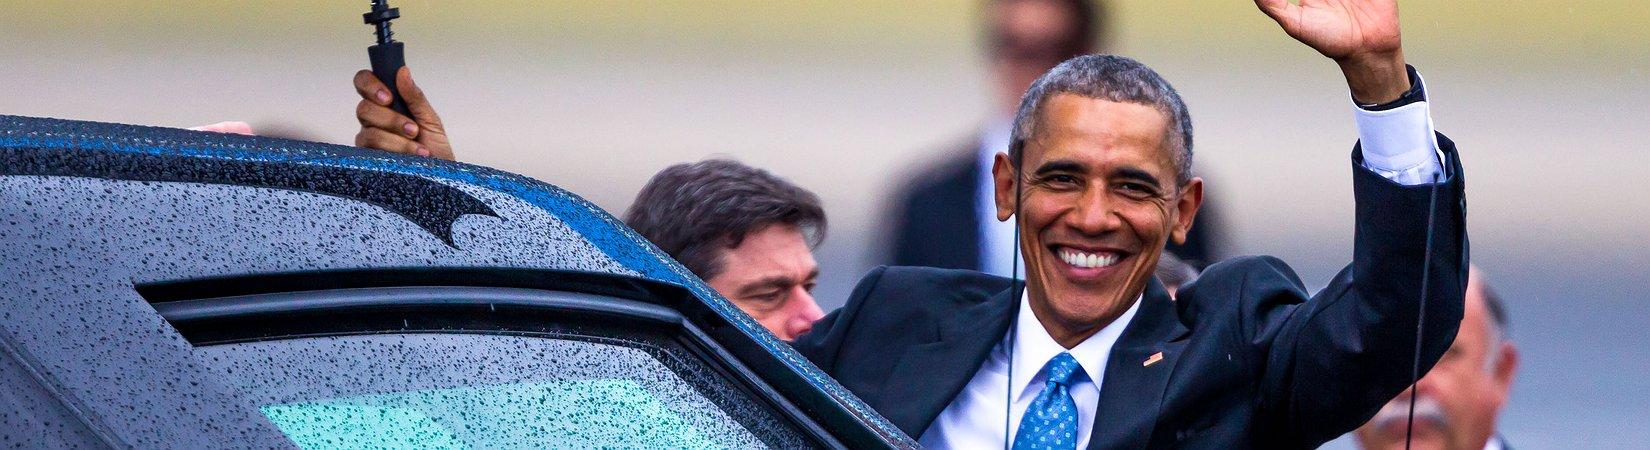 Der offizielle Obama Besuch in Kuba